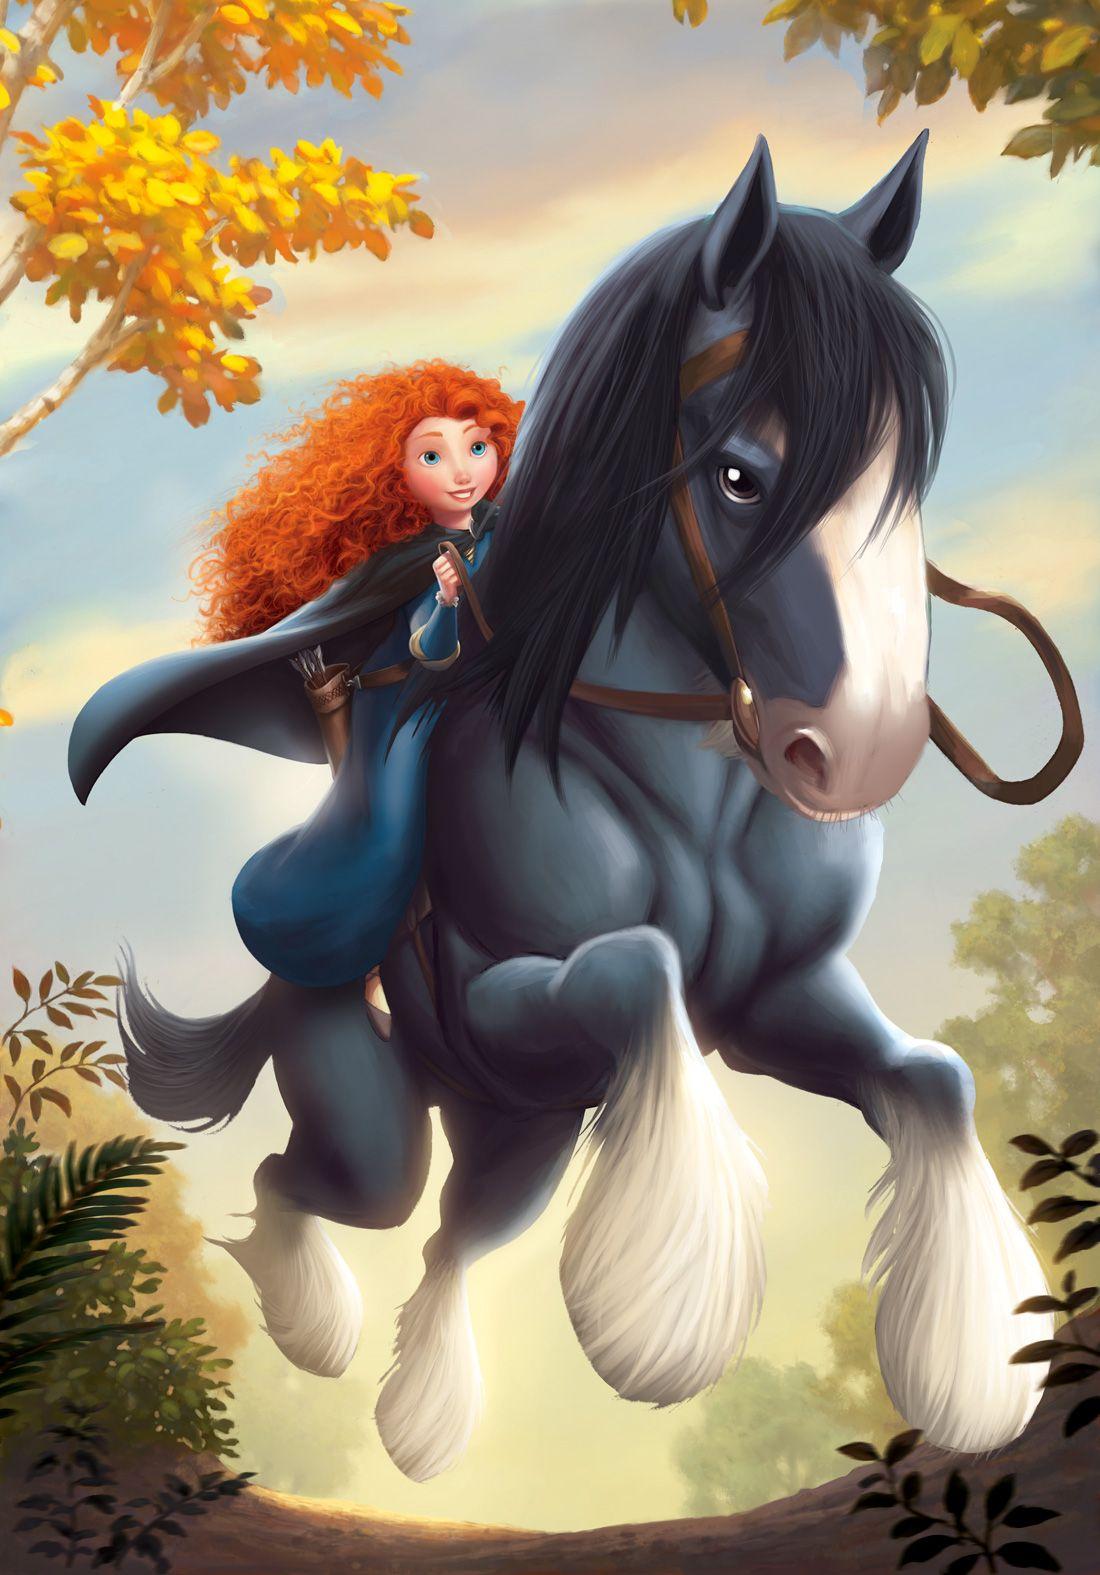 Merida and her Scottish horse, Angus